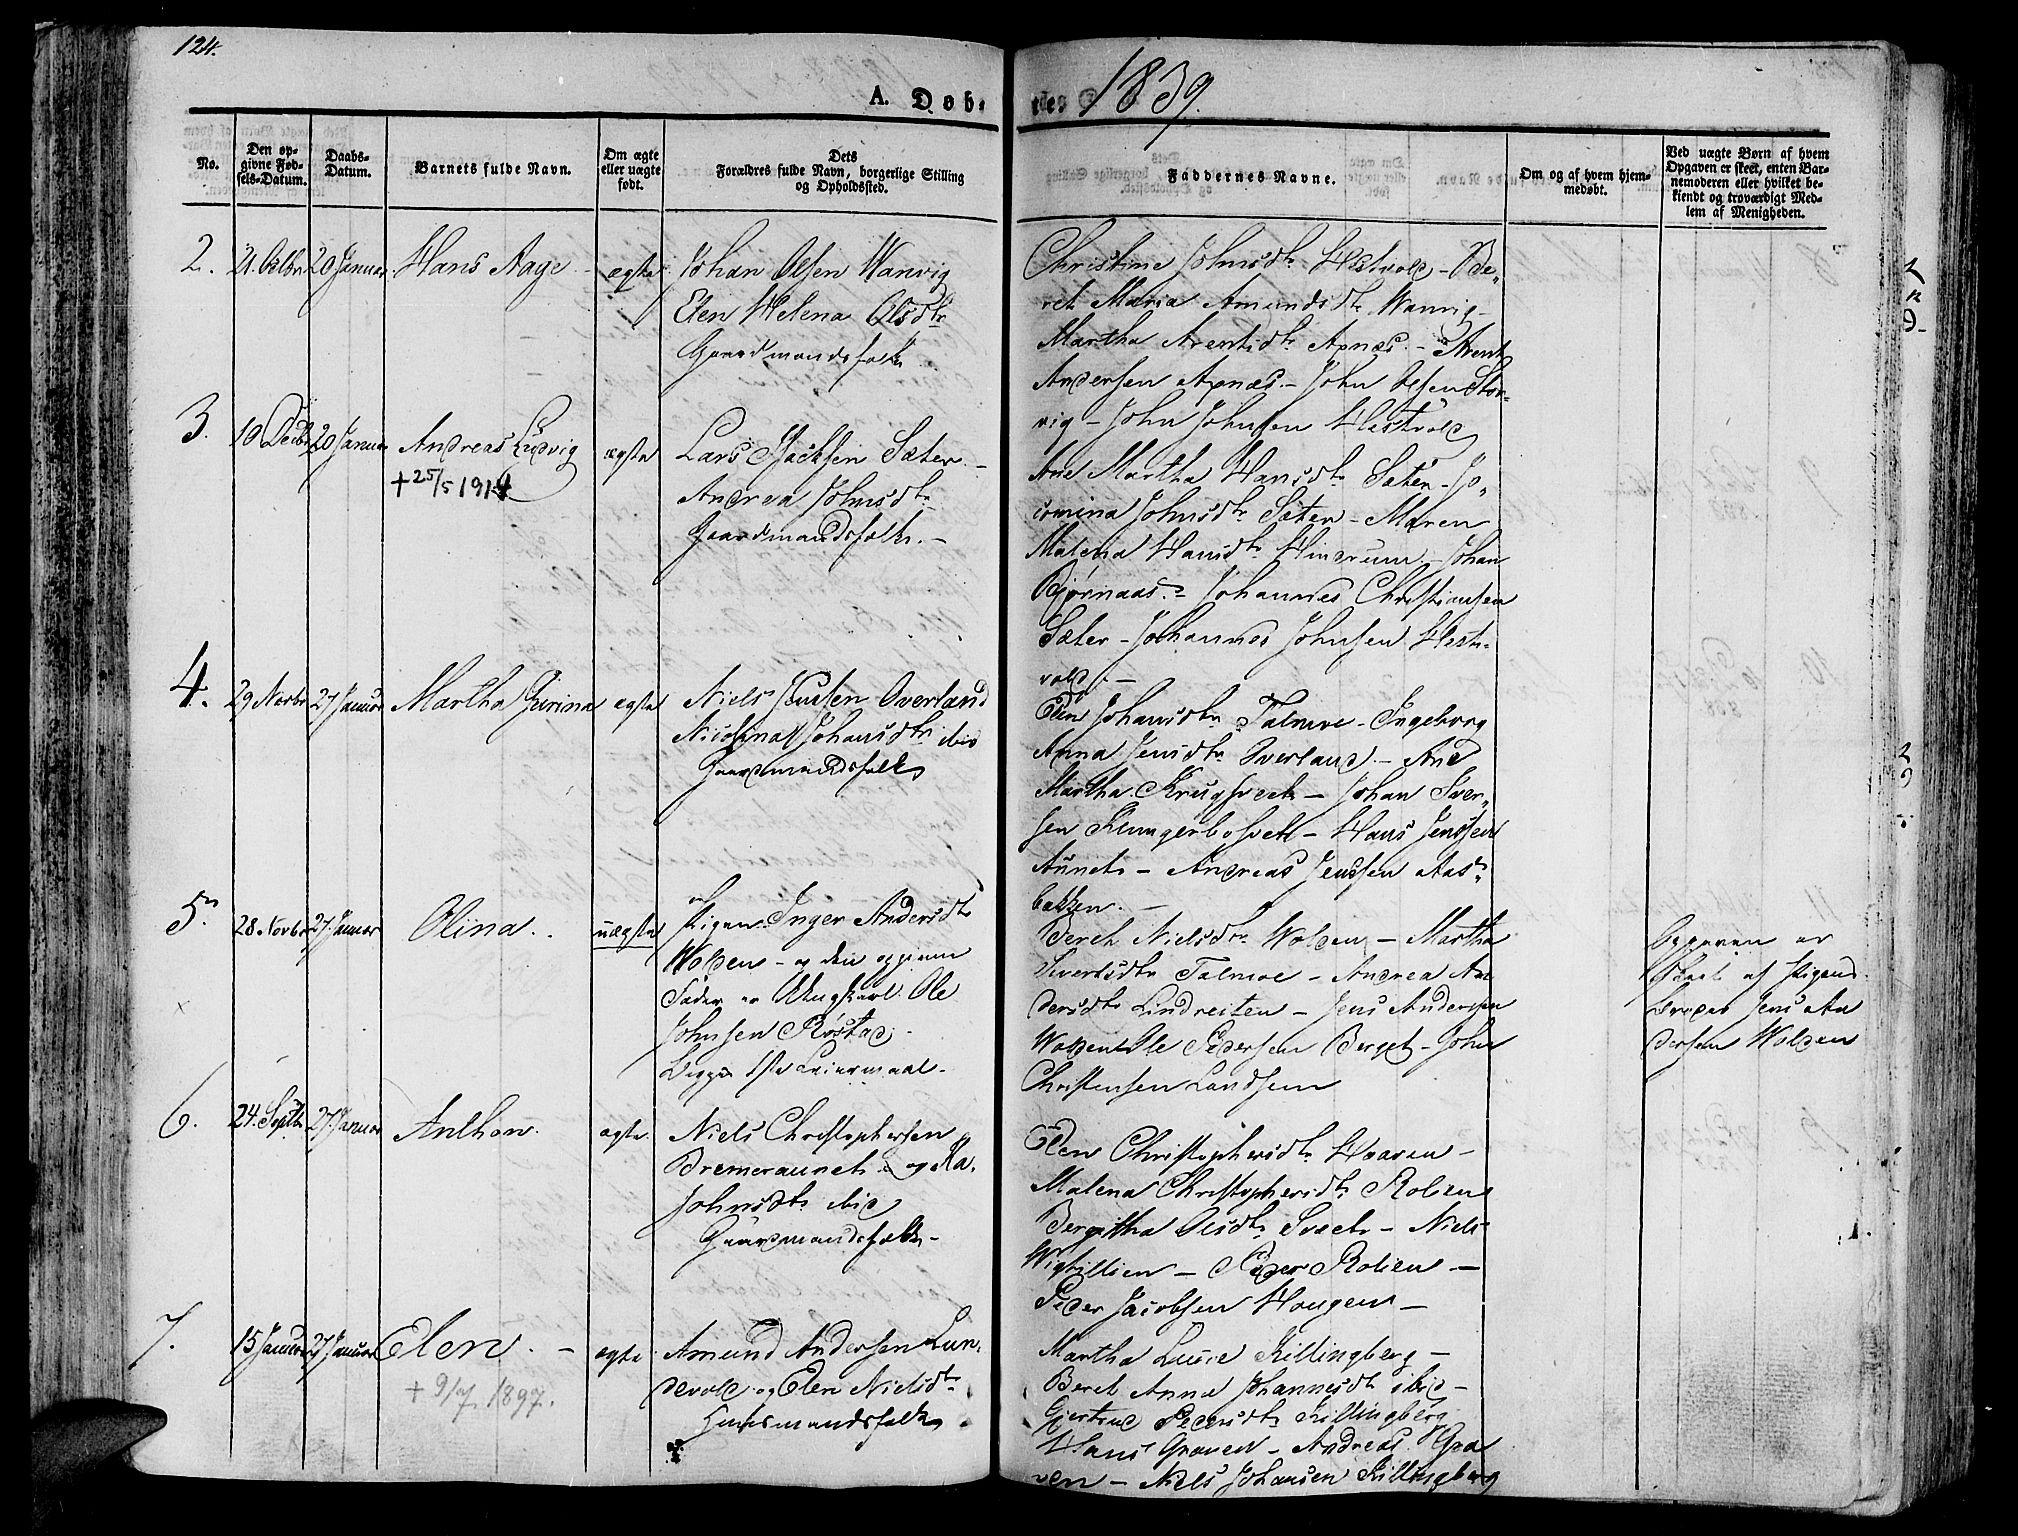 SAT, Ministerialprotokoller, klokkerbøker og fødselsregistre - Nord-Trøndelag, 701/L0006: Ministerialbok nr. 701A06, 1825-1841, s. 124